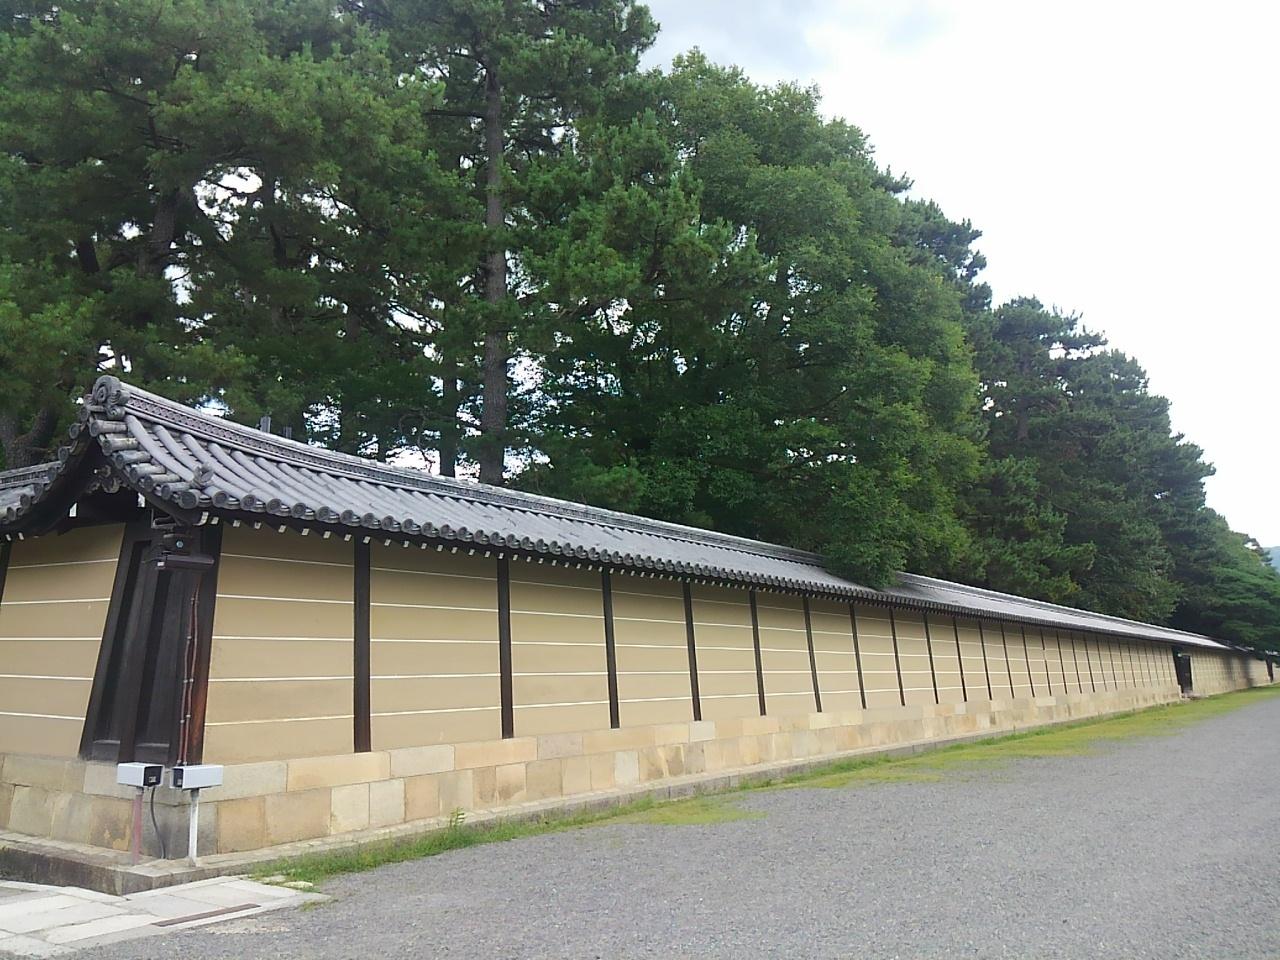 京都B級グルメ&カフェめぐり 2日目_d0083442_22282709.jpg